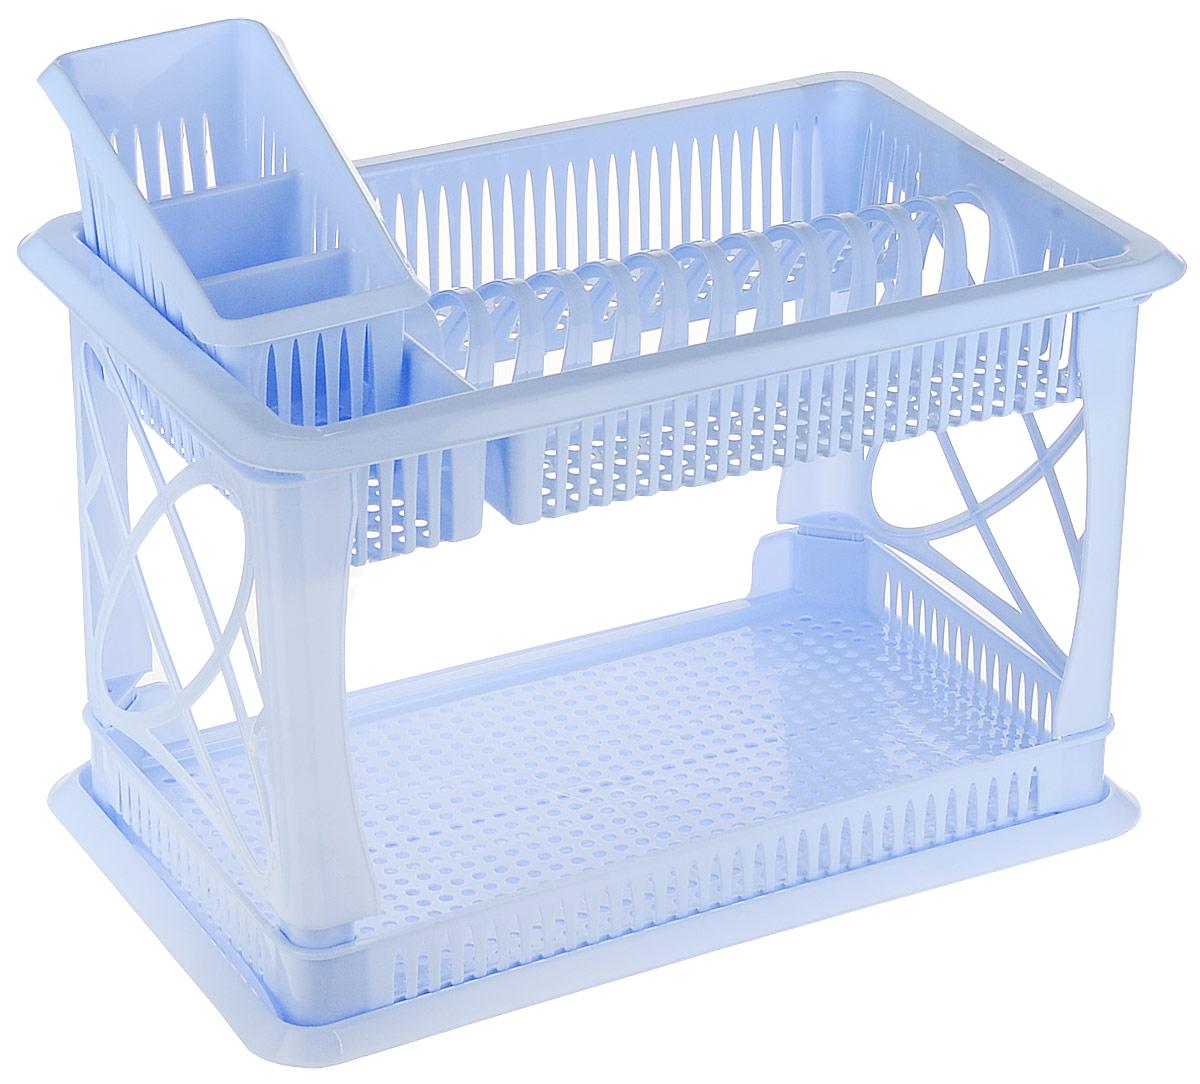 Сушилка для посуды Plastic Centre Лилия, 2-ярусная, с поддоном, с сушилкой для столовых приборов, цвет: голубой, 49 х 17,5 х 32,5 смПЦ1558ГЛП_голубойДвухъярусная сушилка для посуды выполненаиз пластика. Изделиеоснащено поддоном для стекания воды и подставкой длястоловых приборов и стаканов. Сушилка можетбыть установлена как на столе, так и подвешена на стену припомощи крючков (не входят в комплект).Размер сушилки (с учетом подставок): 49 х 17,5 х 32,5 см.Размер поддона: 47 х 30 х 2,5 см.